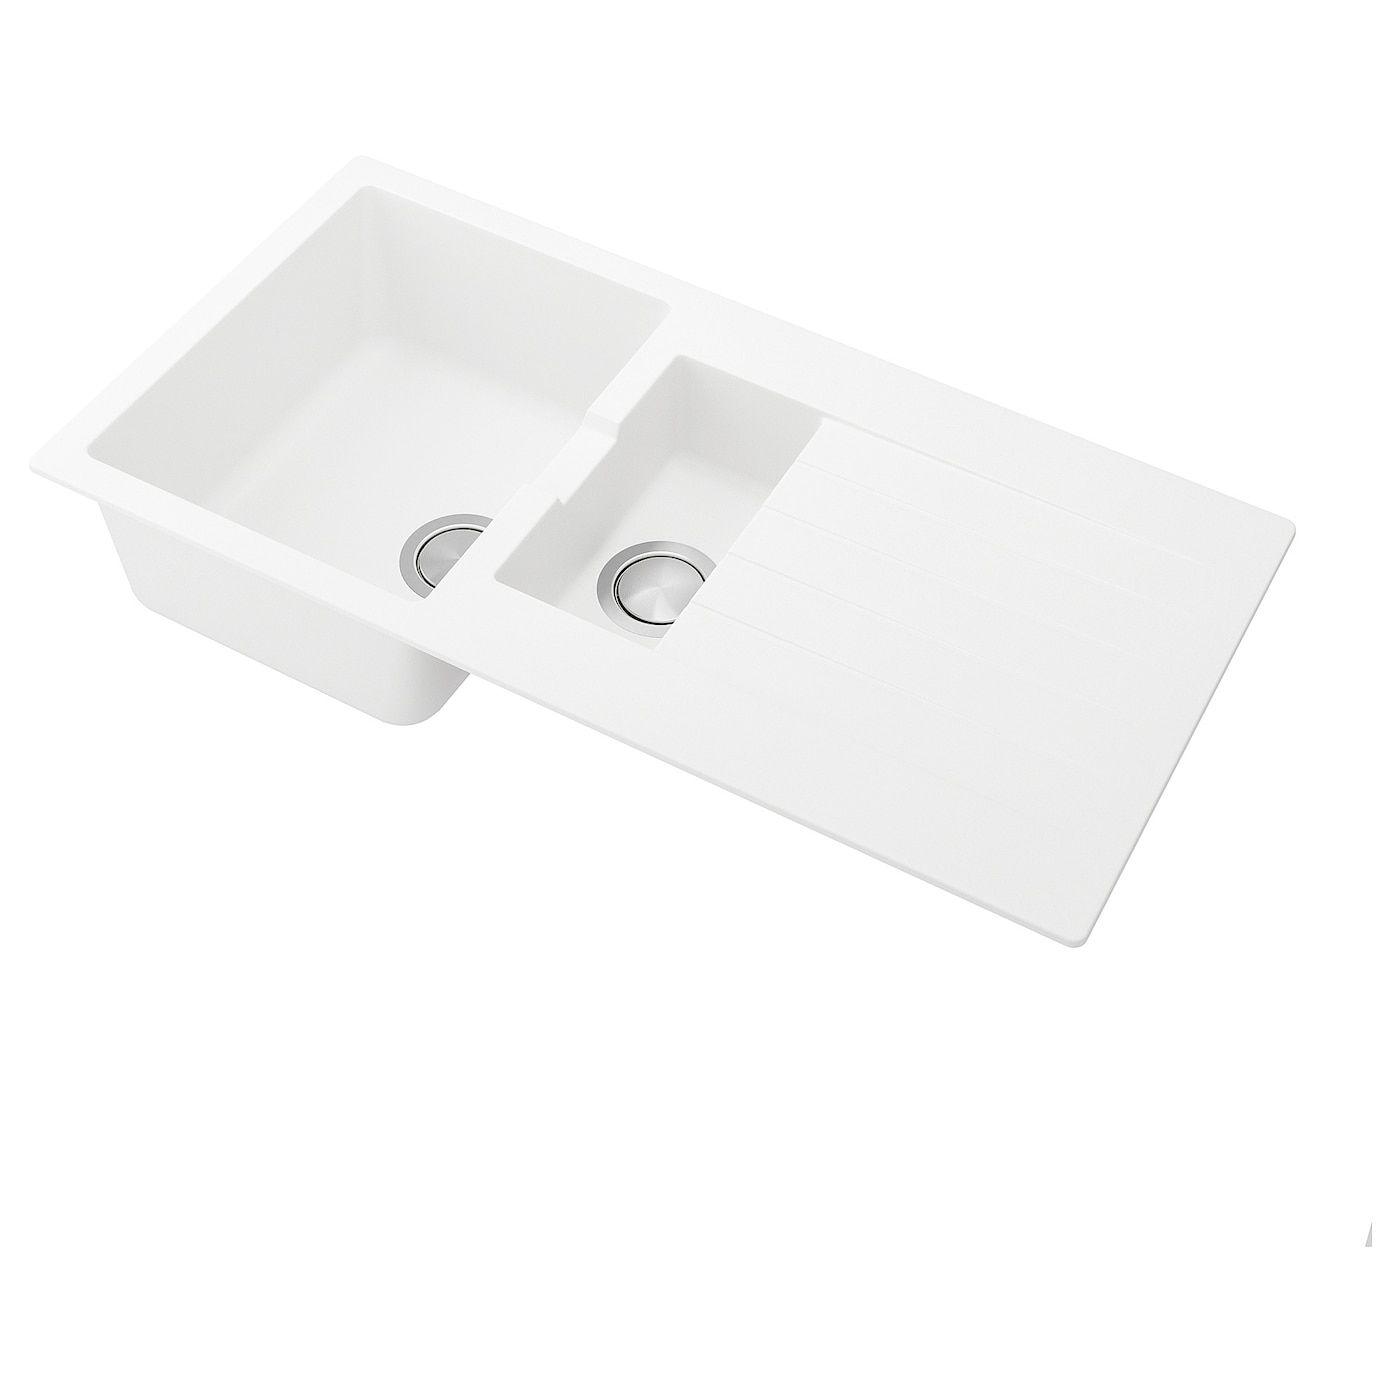 Hallviken Einbauspule 1 Becken Abtr Weiss Quarzkomposit Ikea Einbauspule Ikea Reinigungsmittel